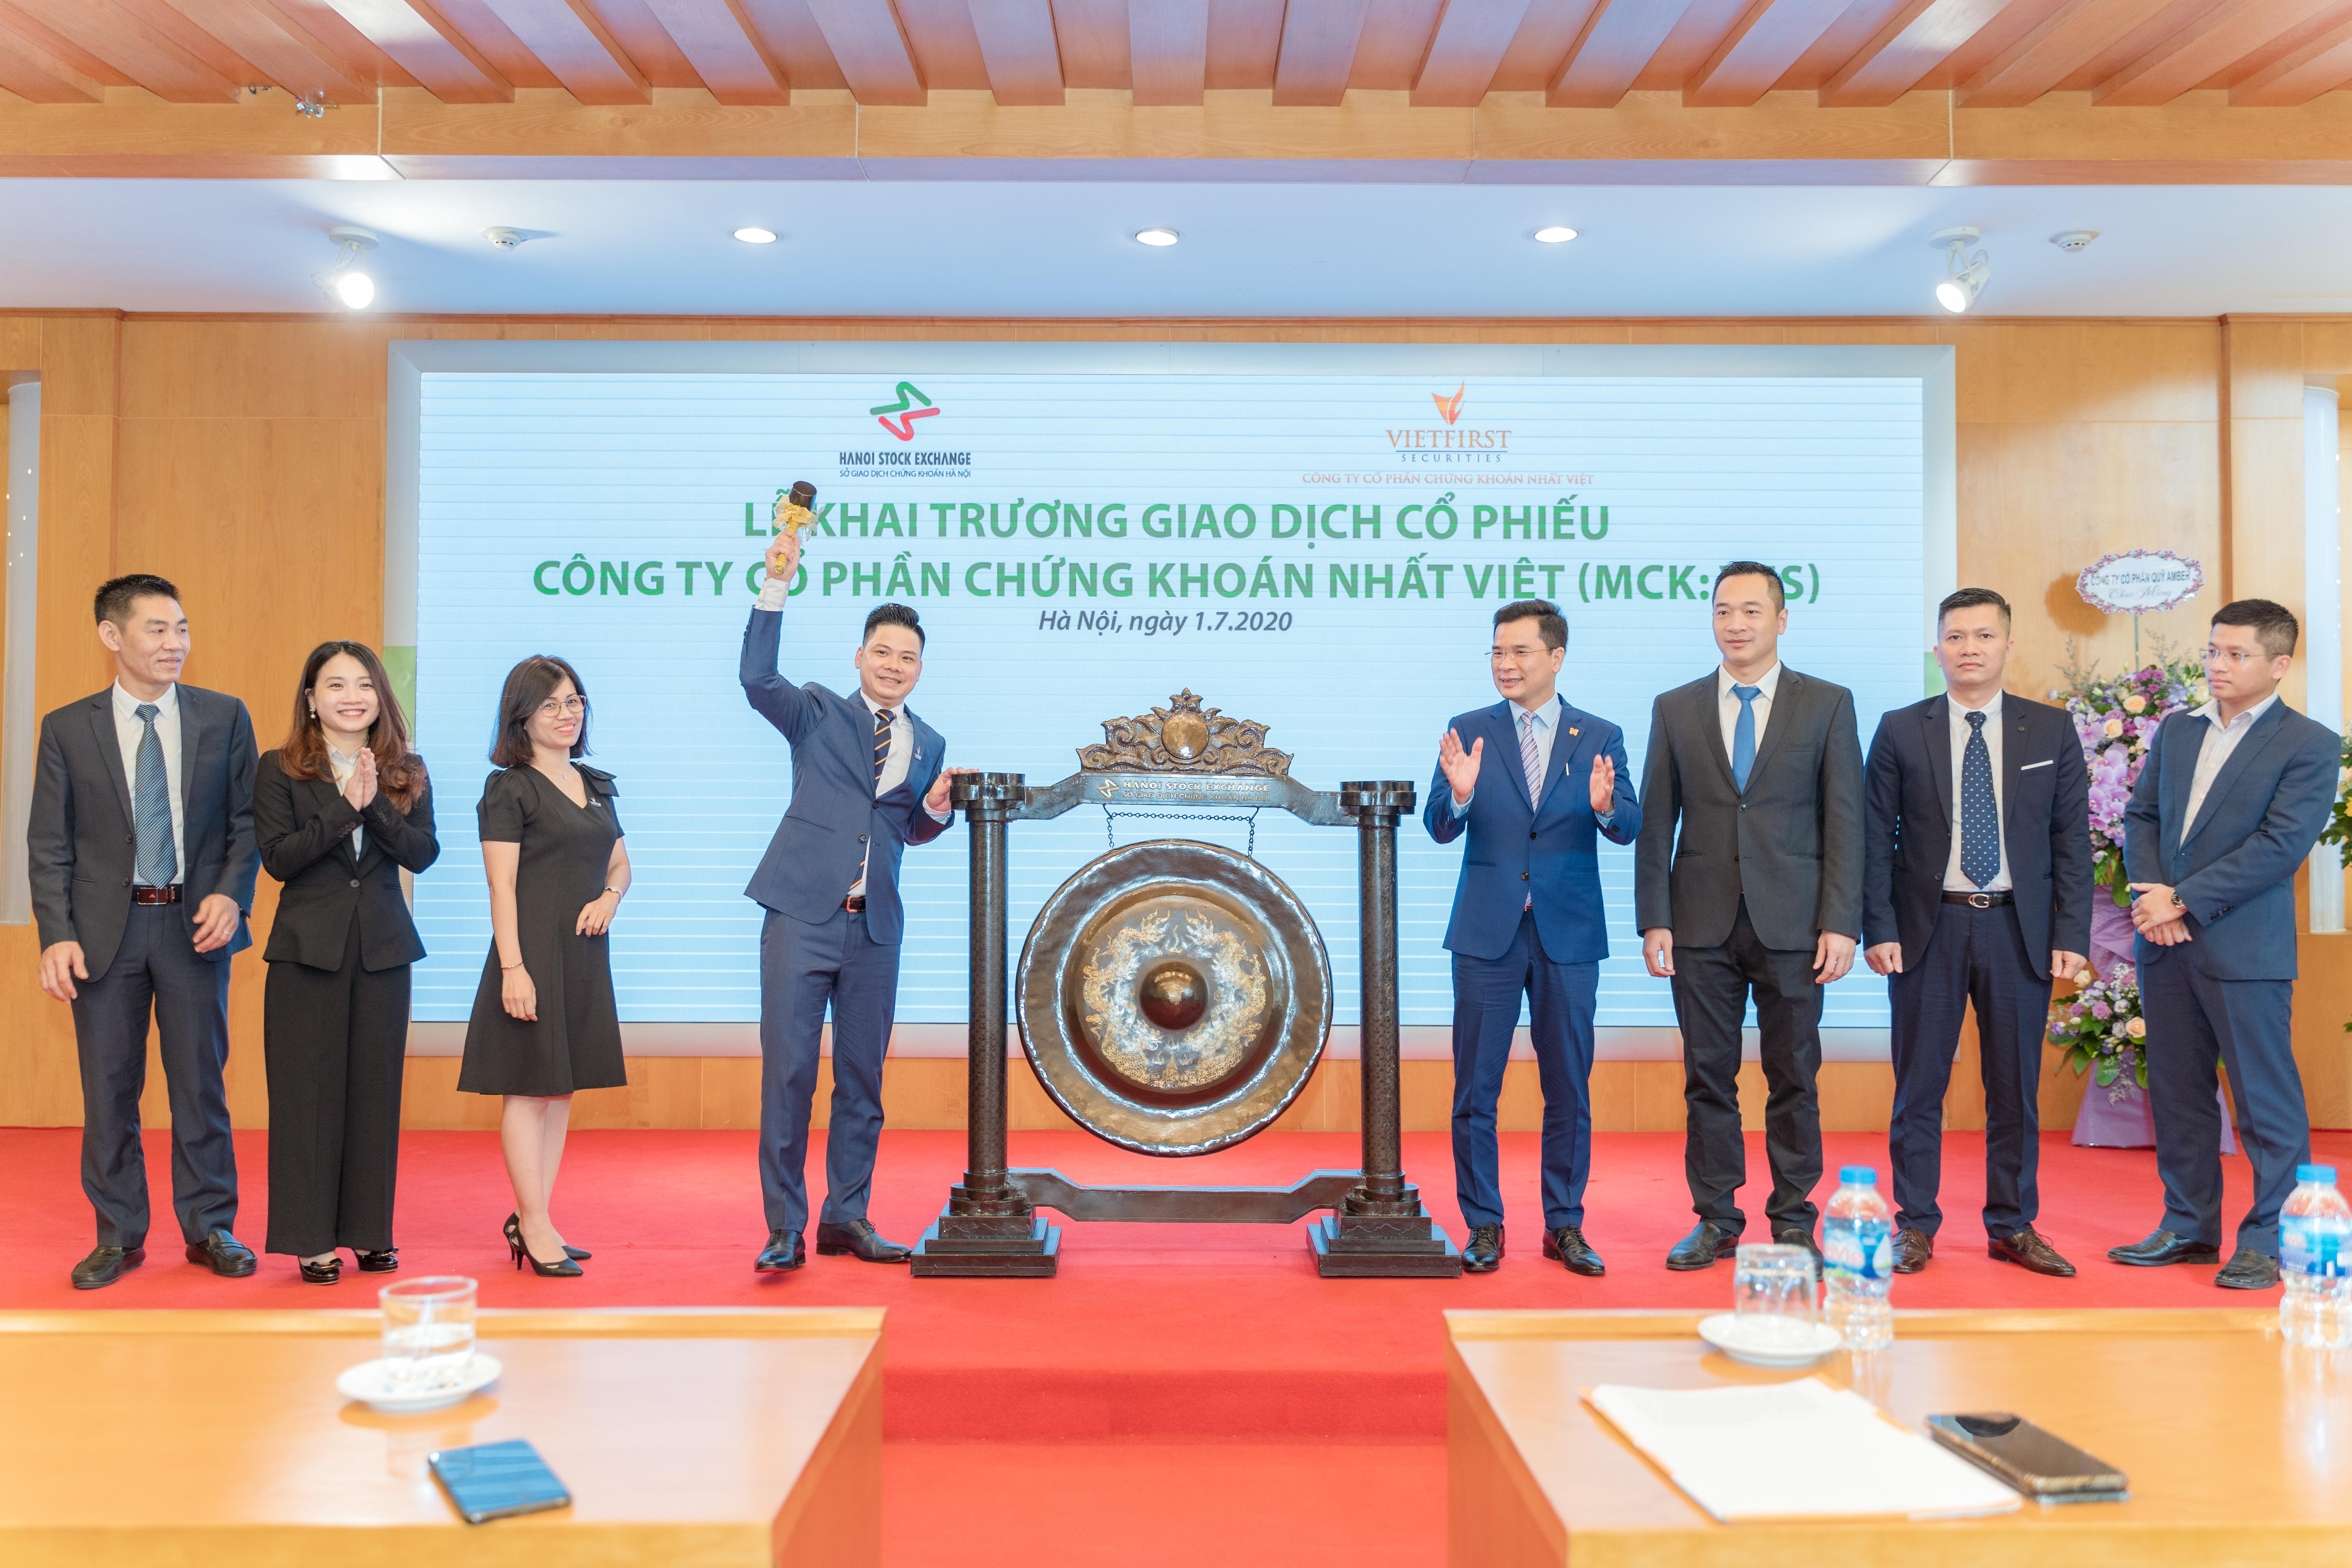 Hơn 41 triệu cổ phiếu CTCP Chứng khoán Nhất Việt chính thức giao dịch trên UPCoM